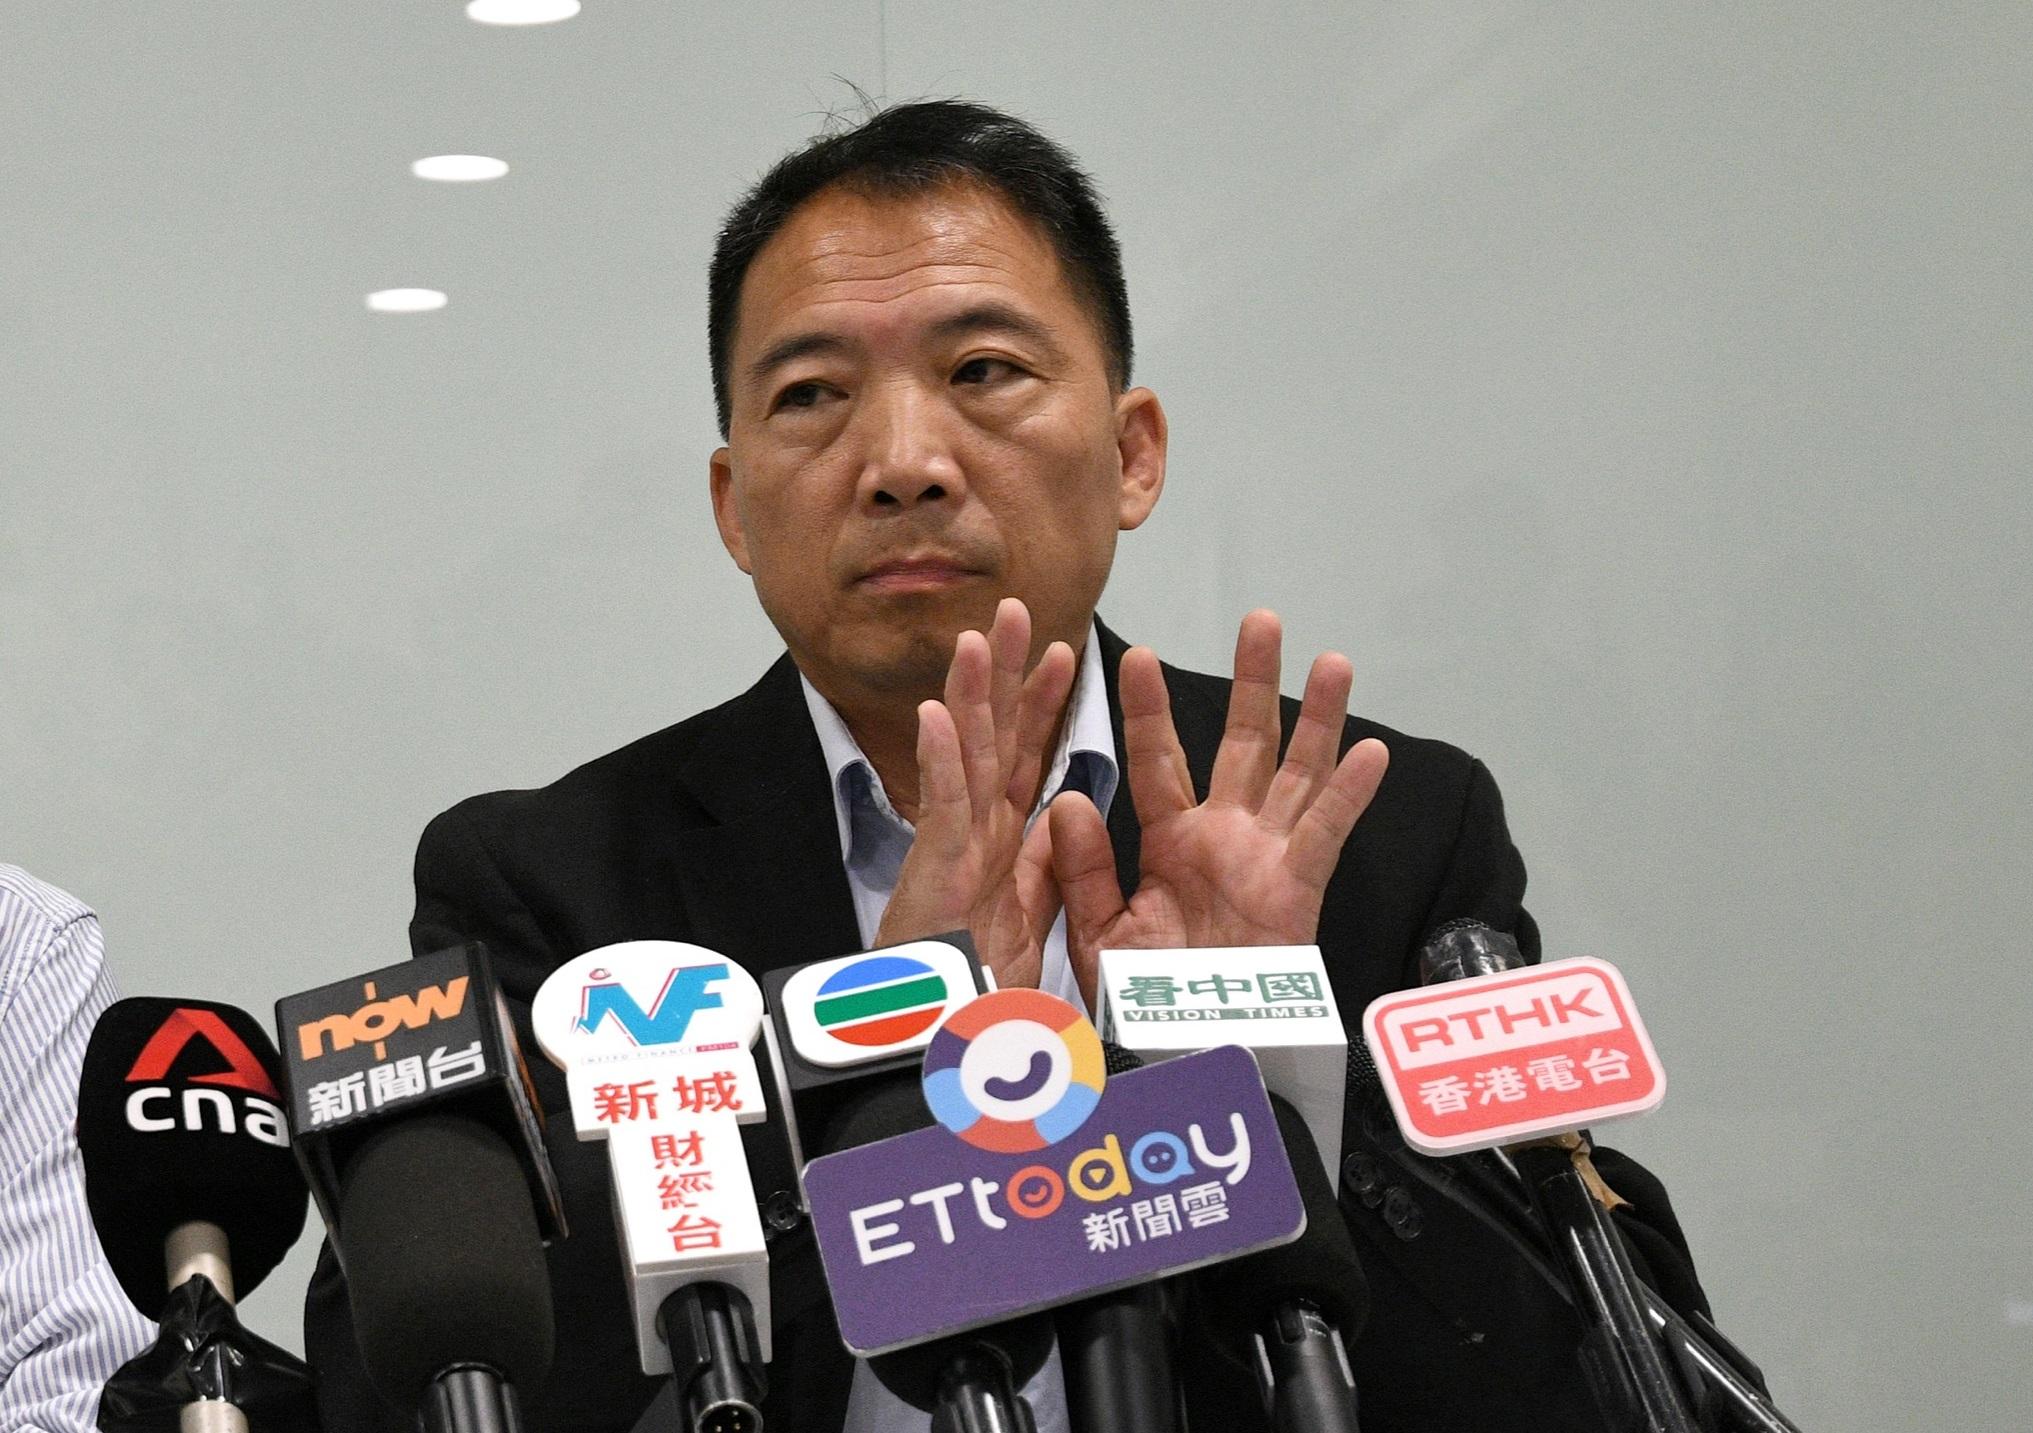 【修例风波】胡志伟不认同林郑倡参考英国设独立检讨委员会